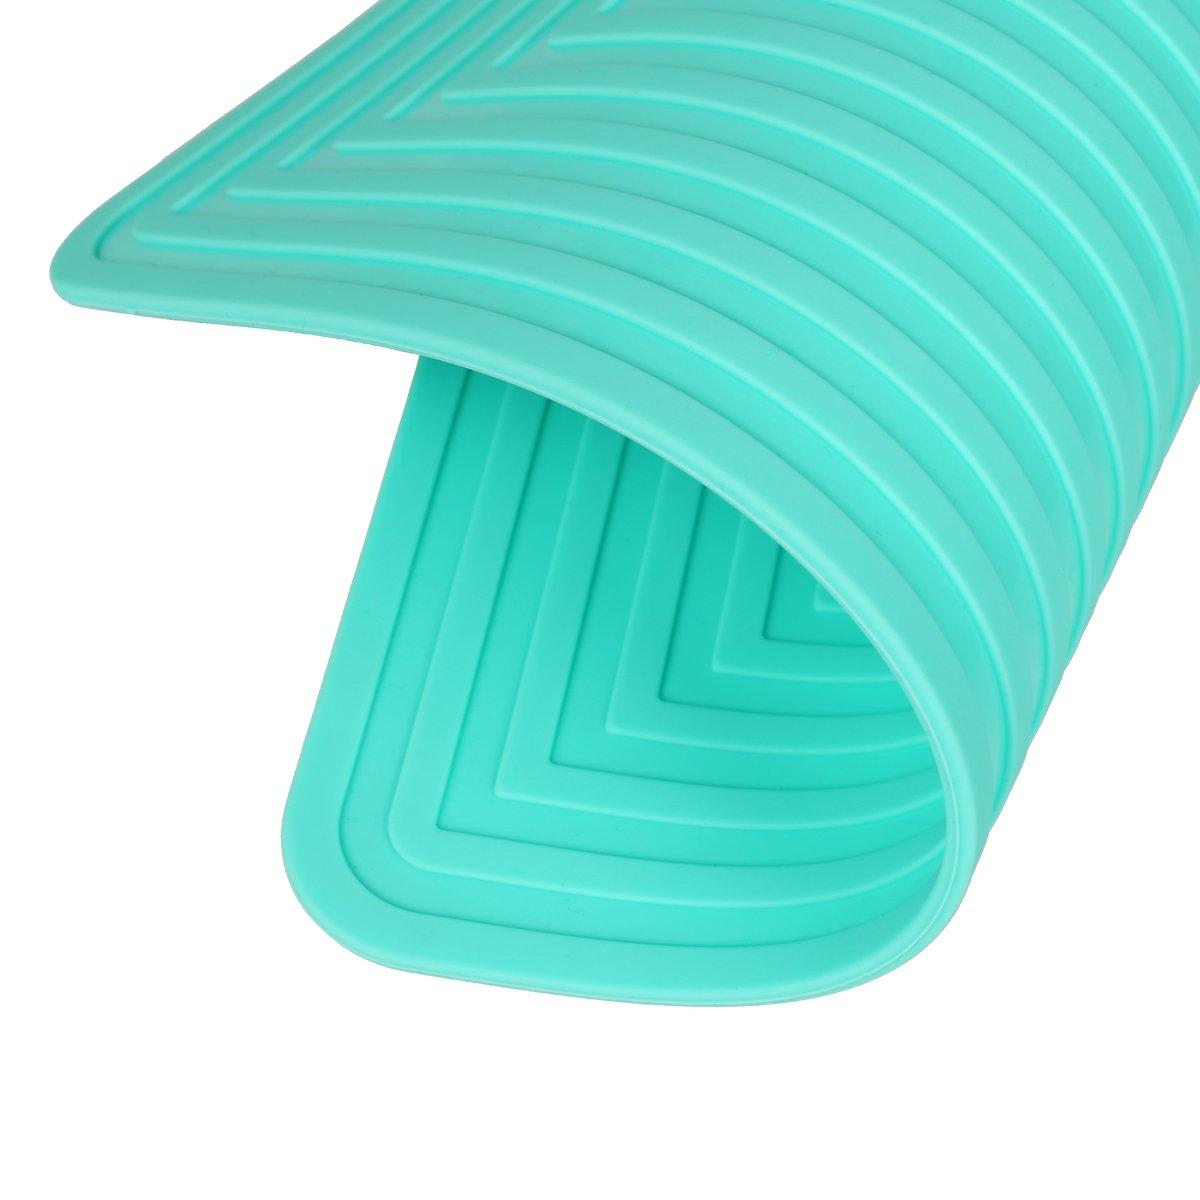 presina 22,9/x 30,5/cm antiscivolo flessibile durevole resistente al calore 2/pezzi sottopentola in silicone tappetini//Hot Pads sottopentola in cucina tovaglietta 9x 12 Purple